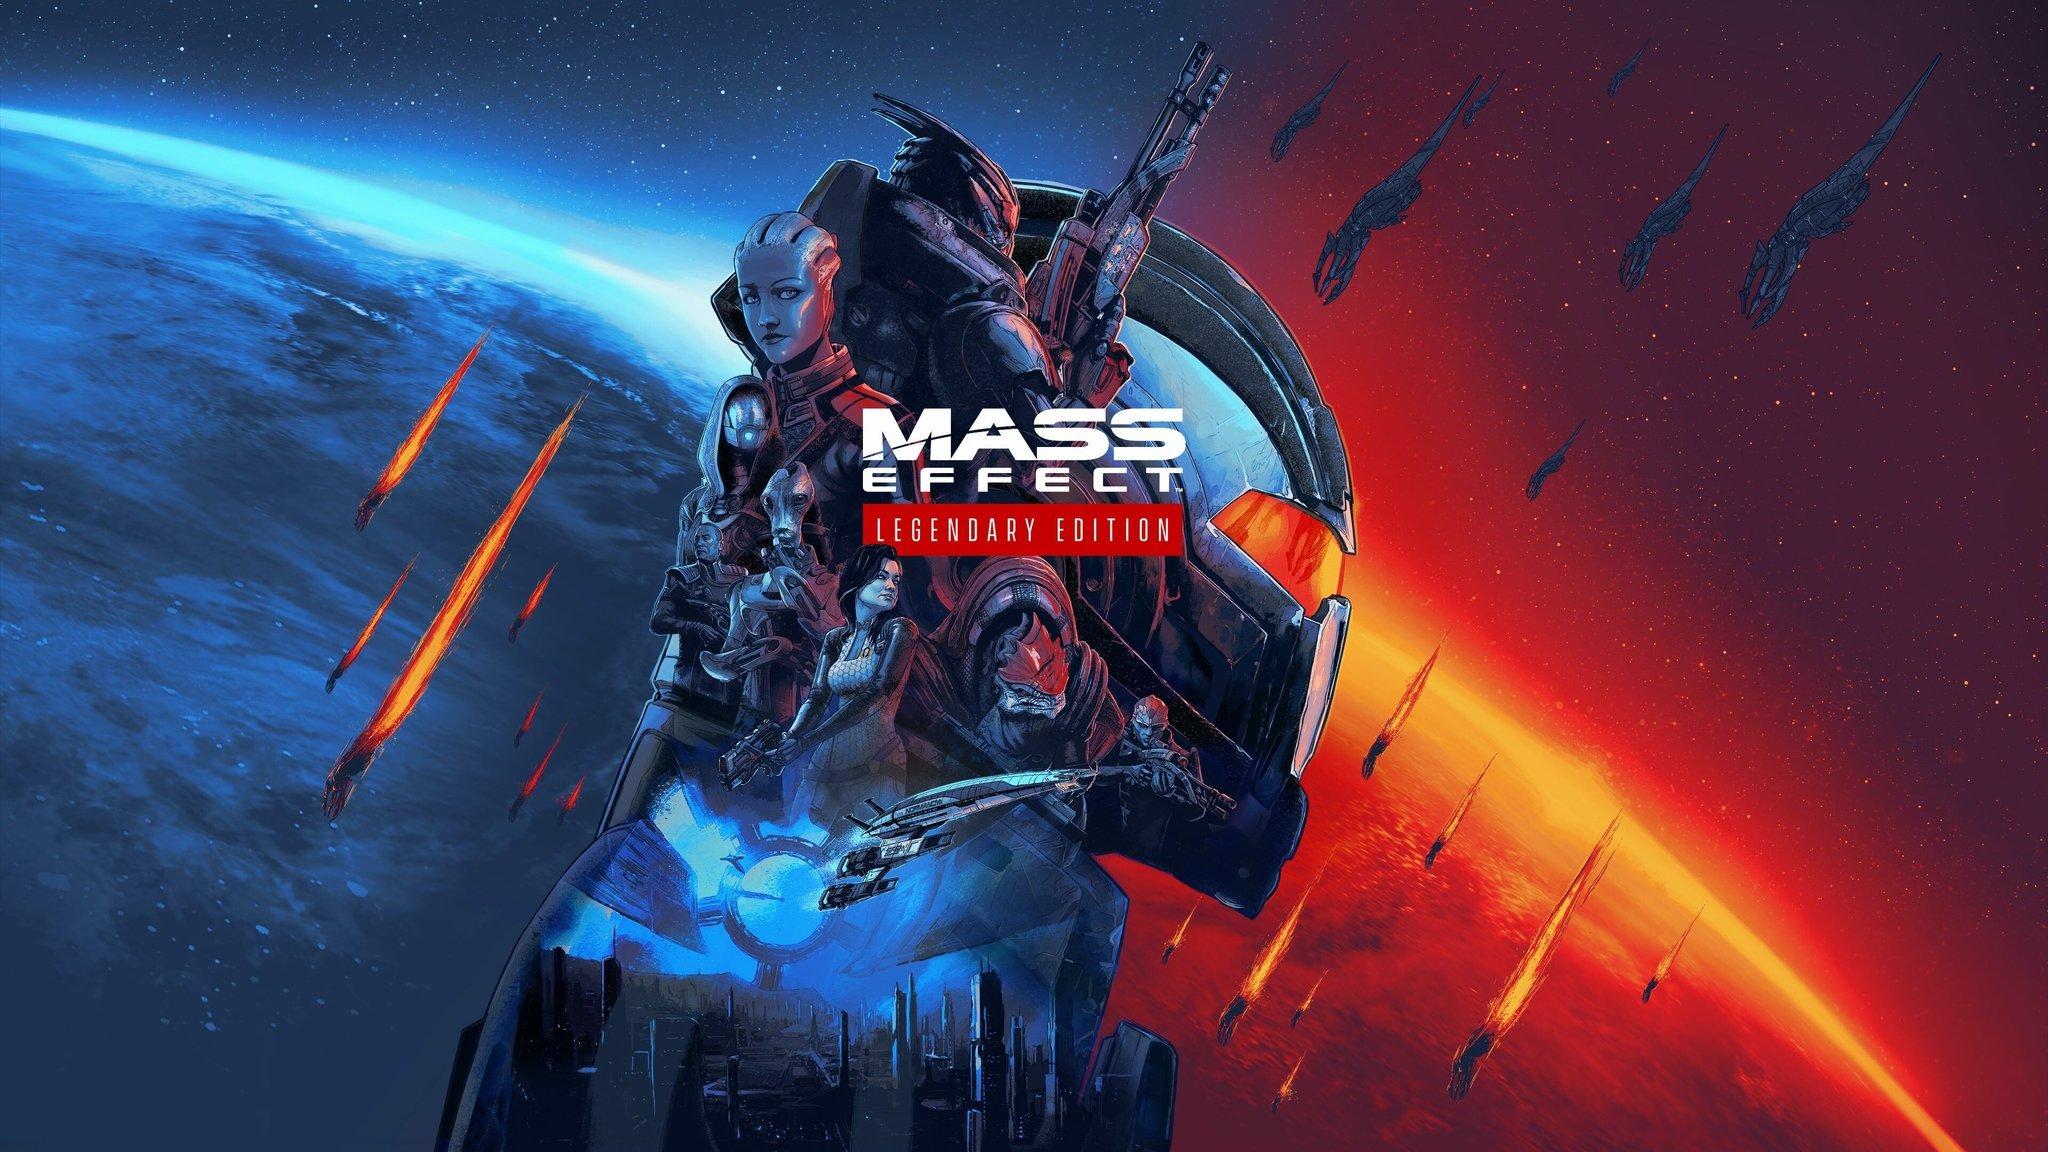 Представлена Mass Effect Legendary Edition, а также совершенно новая игра вселенной